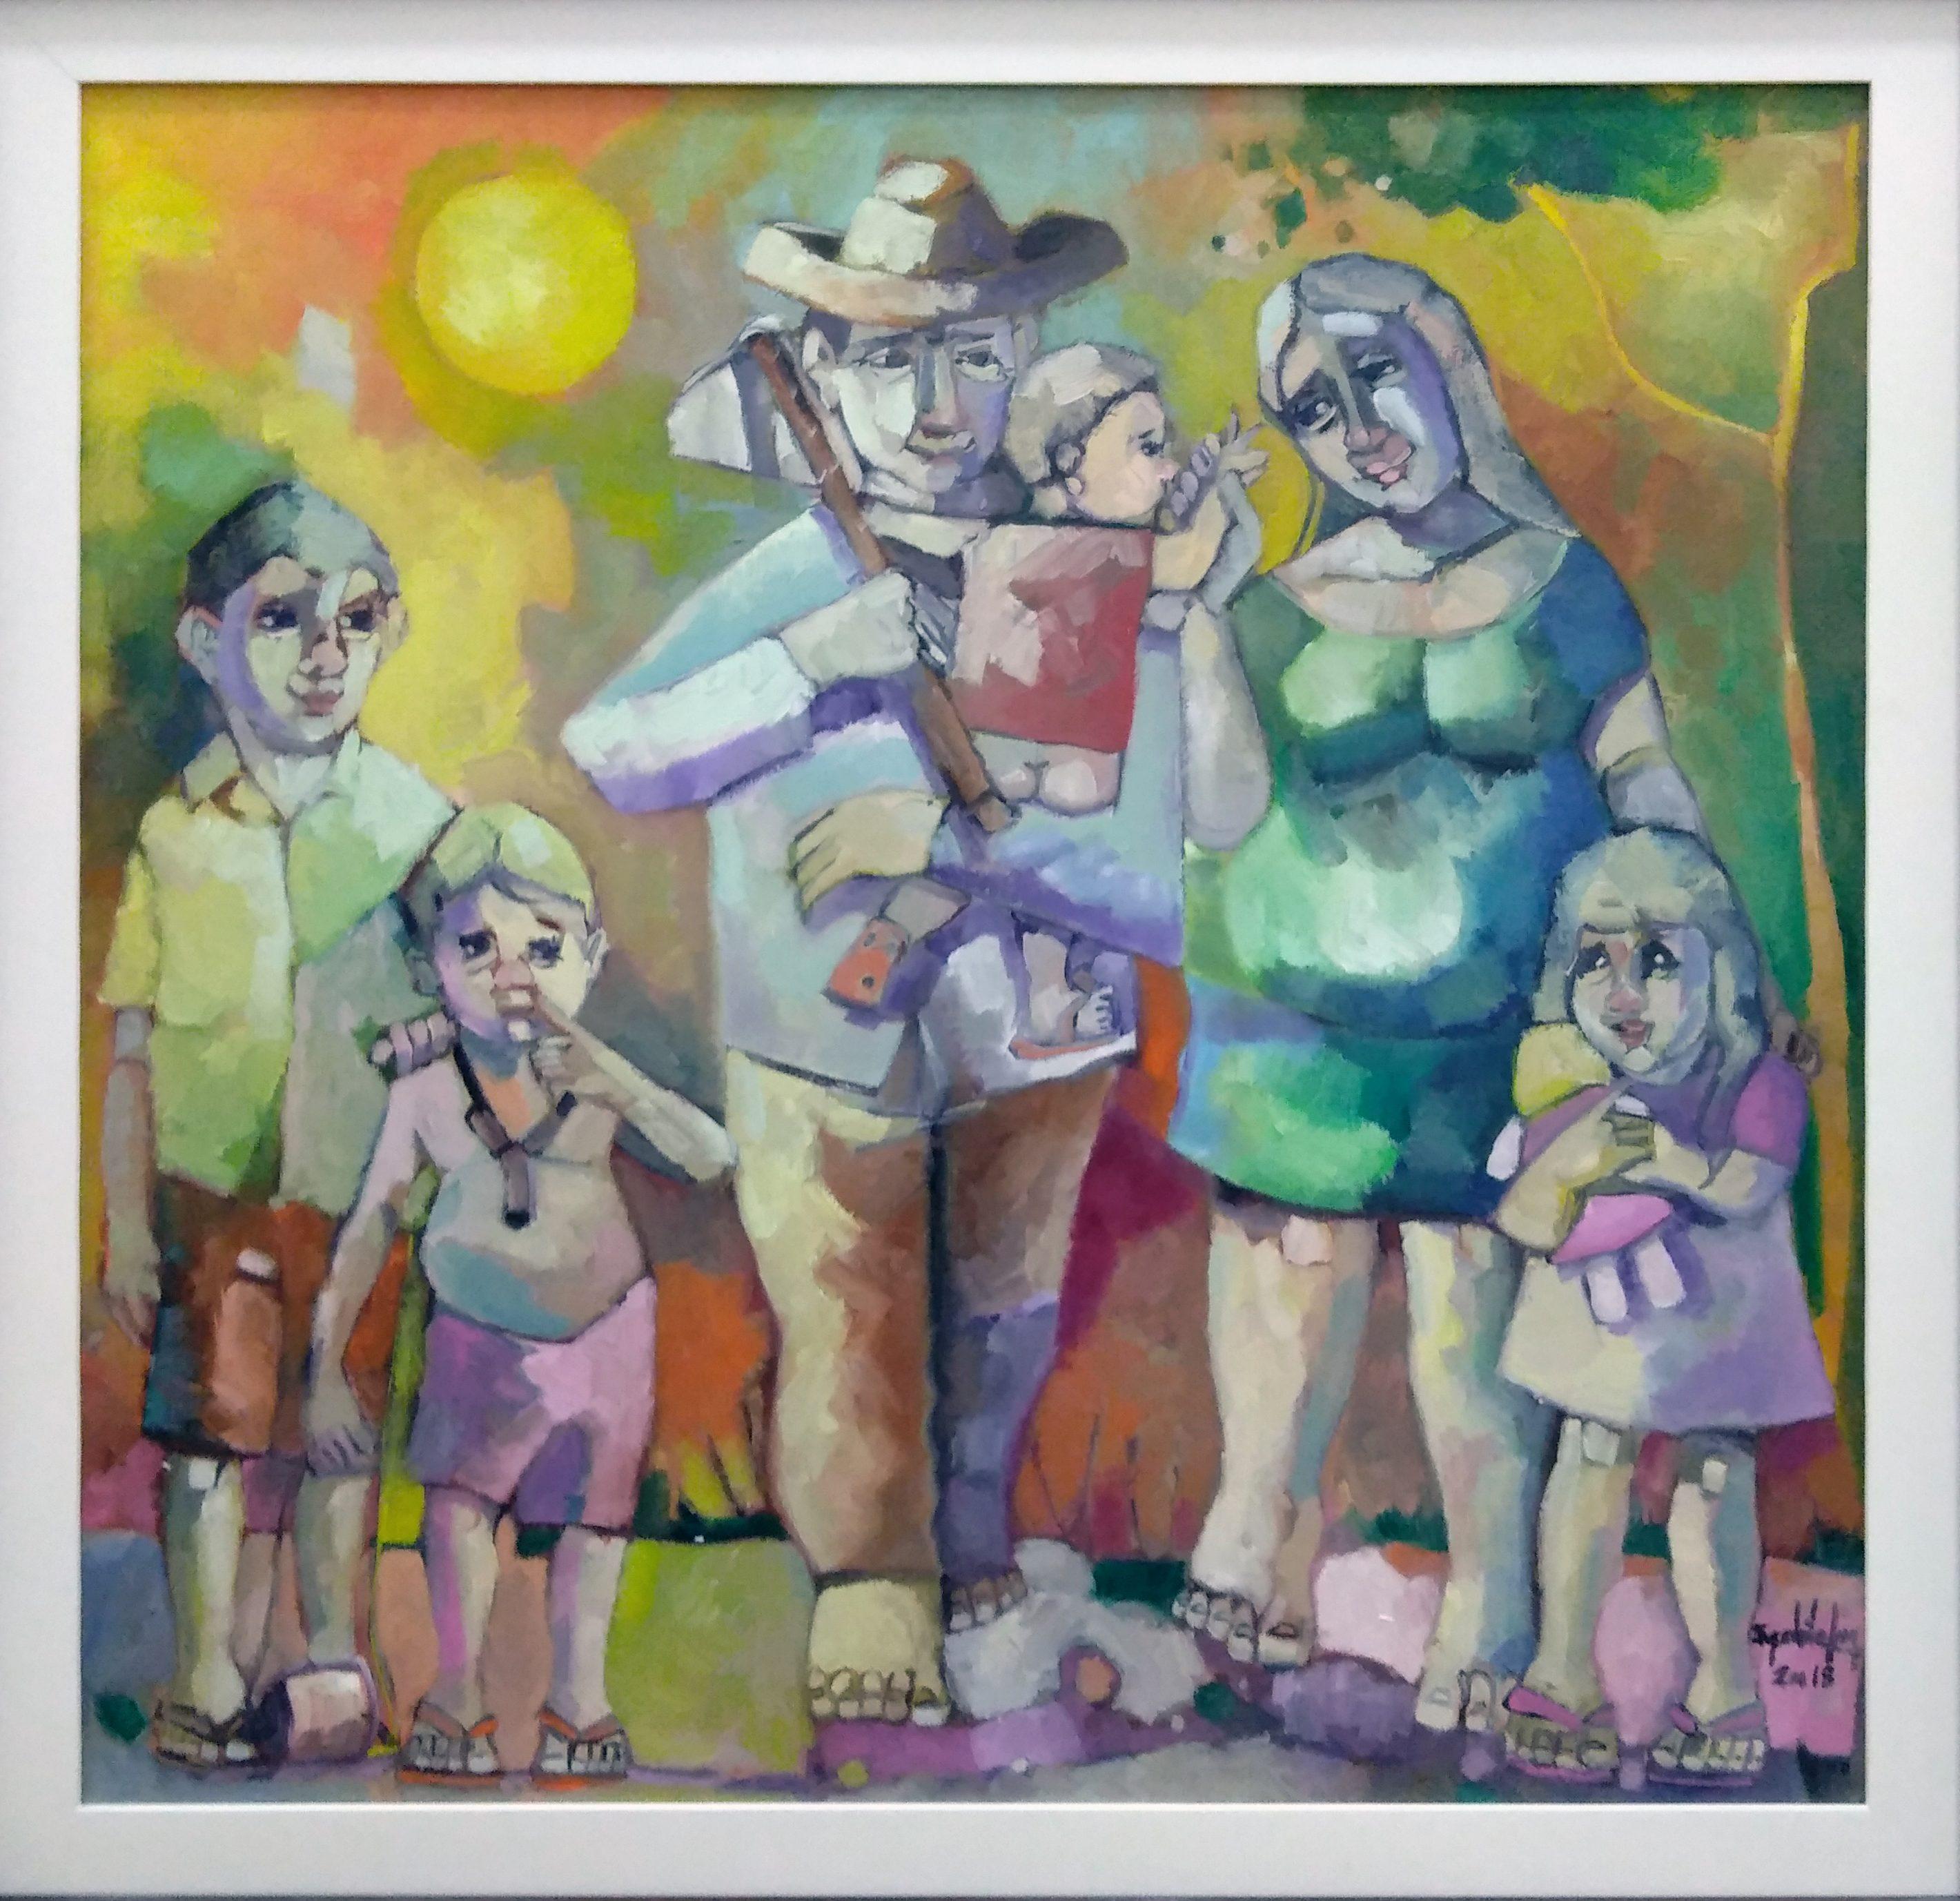 10ª Exposição Coletiva de Obras de Arte Amigos em Ação